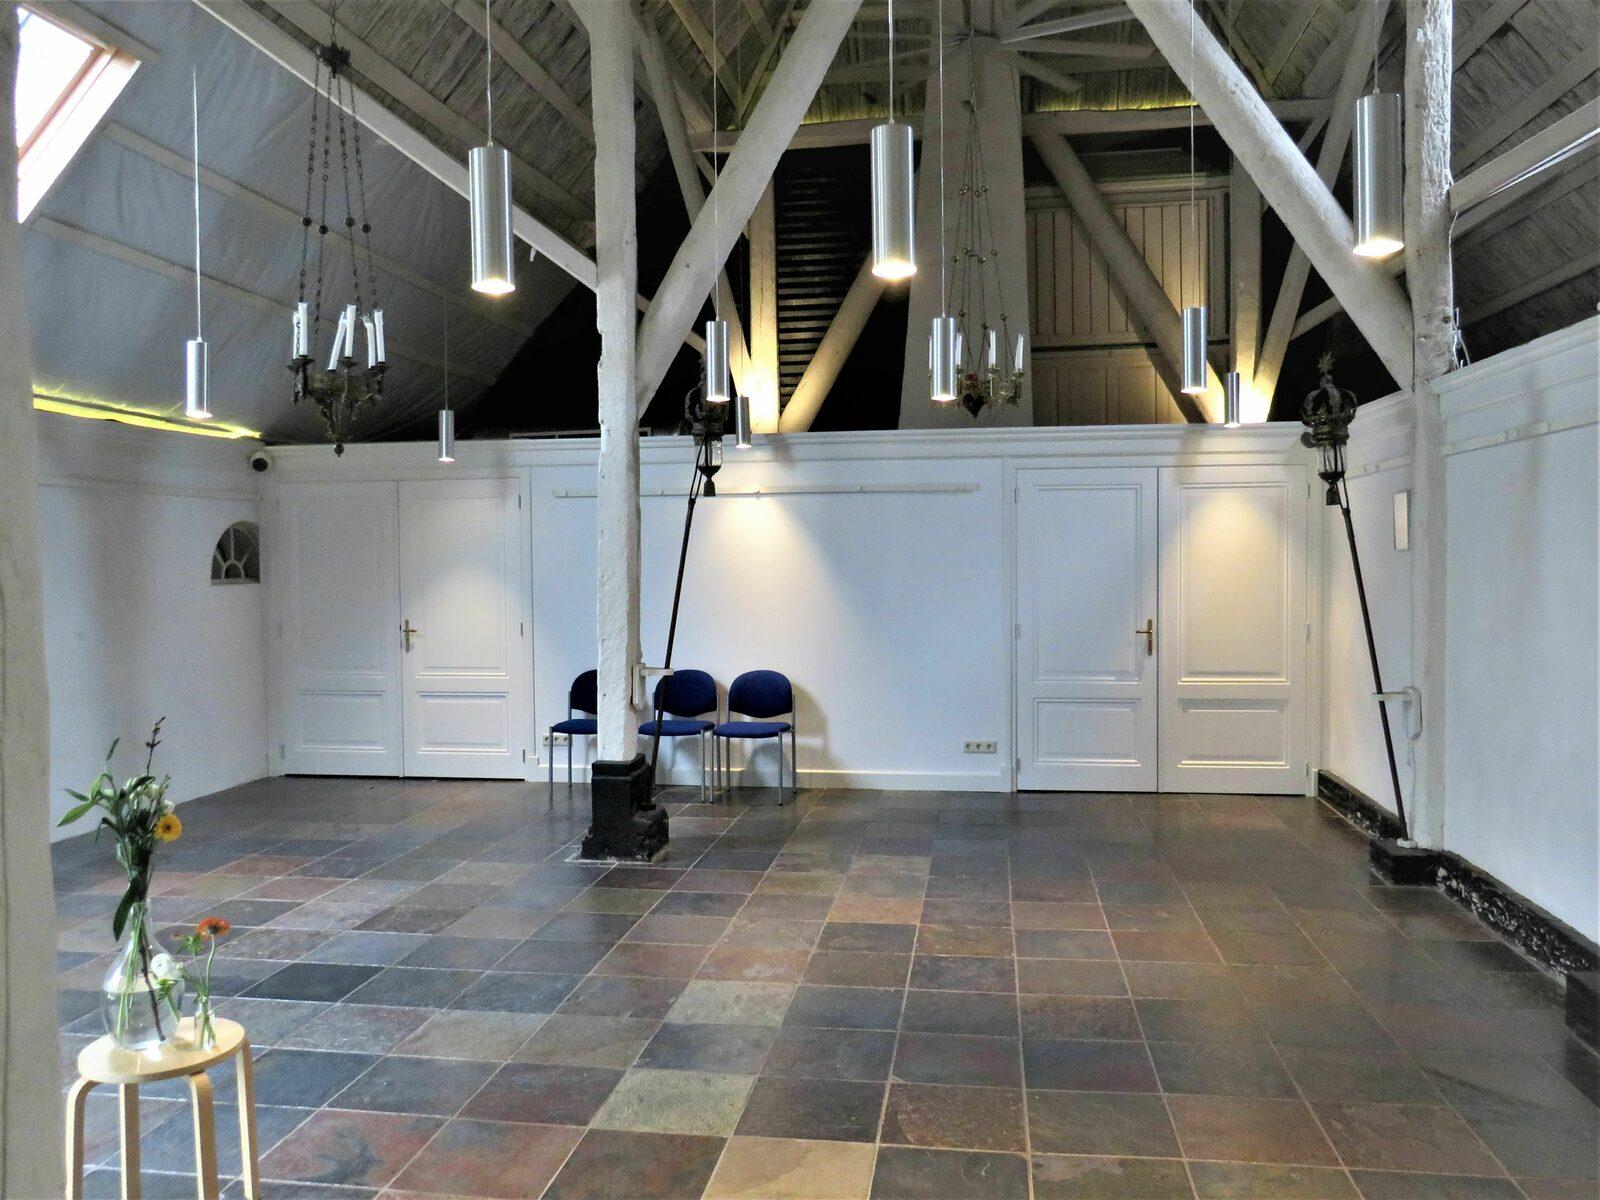 kapel leeg met zicht op nieuwe muurvs2